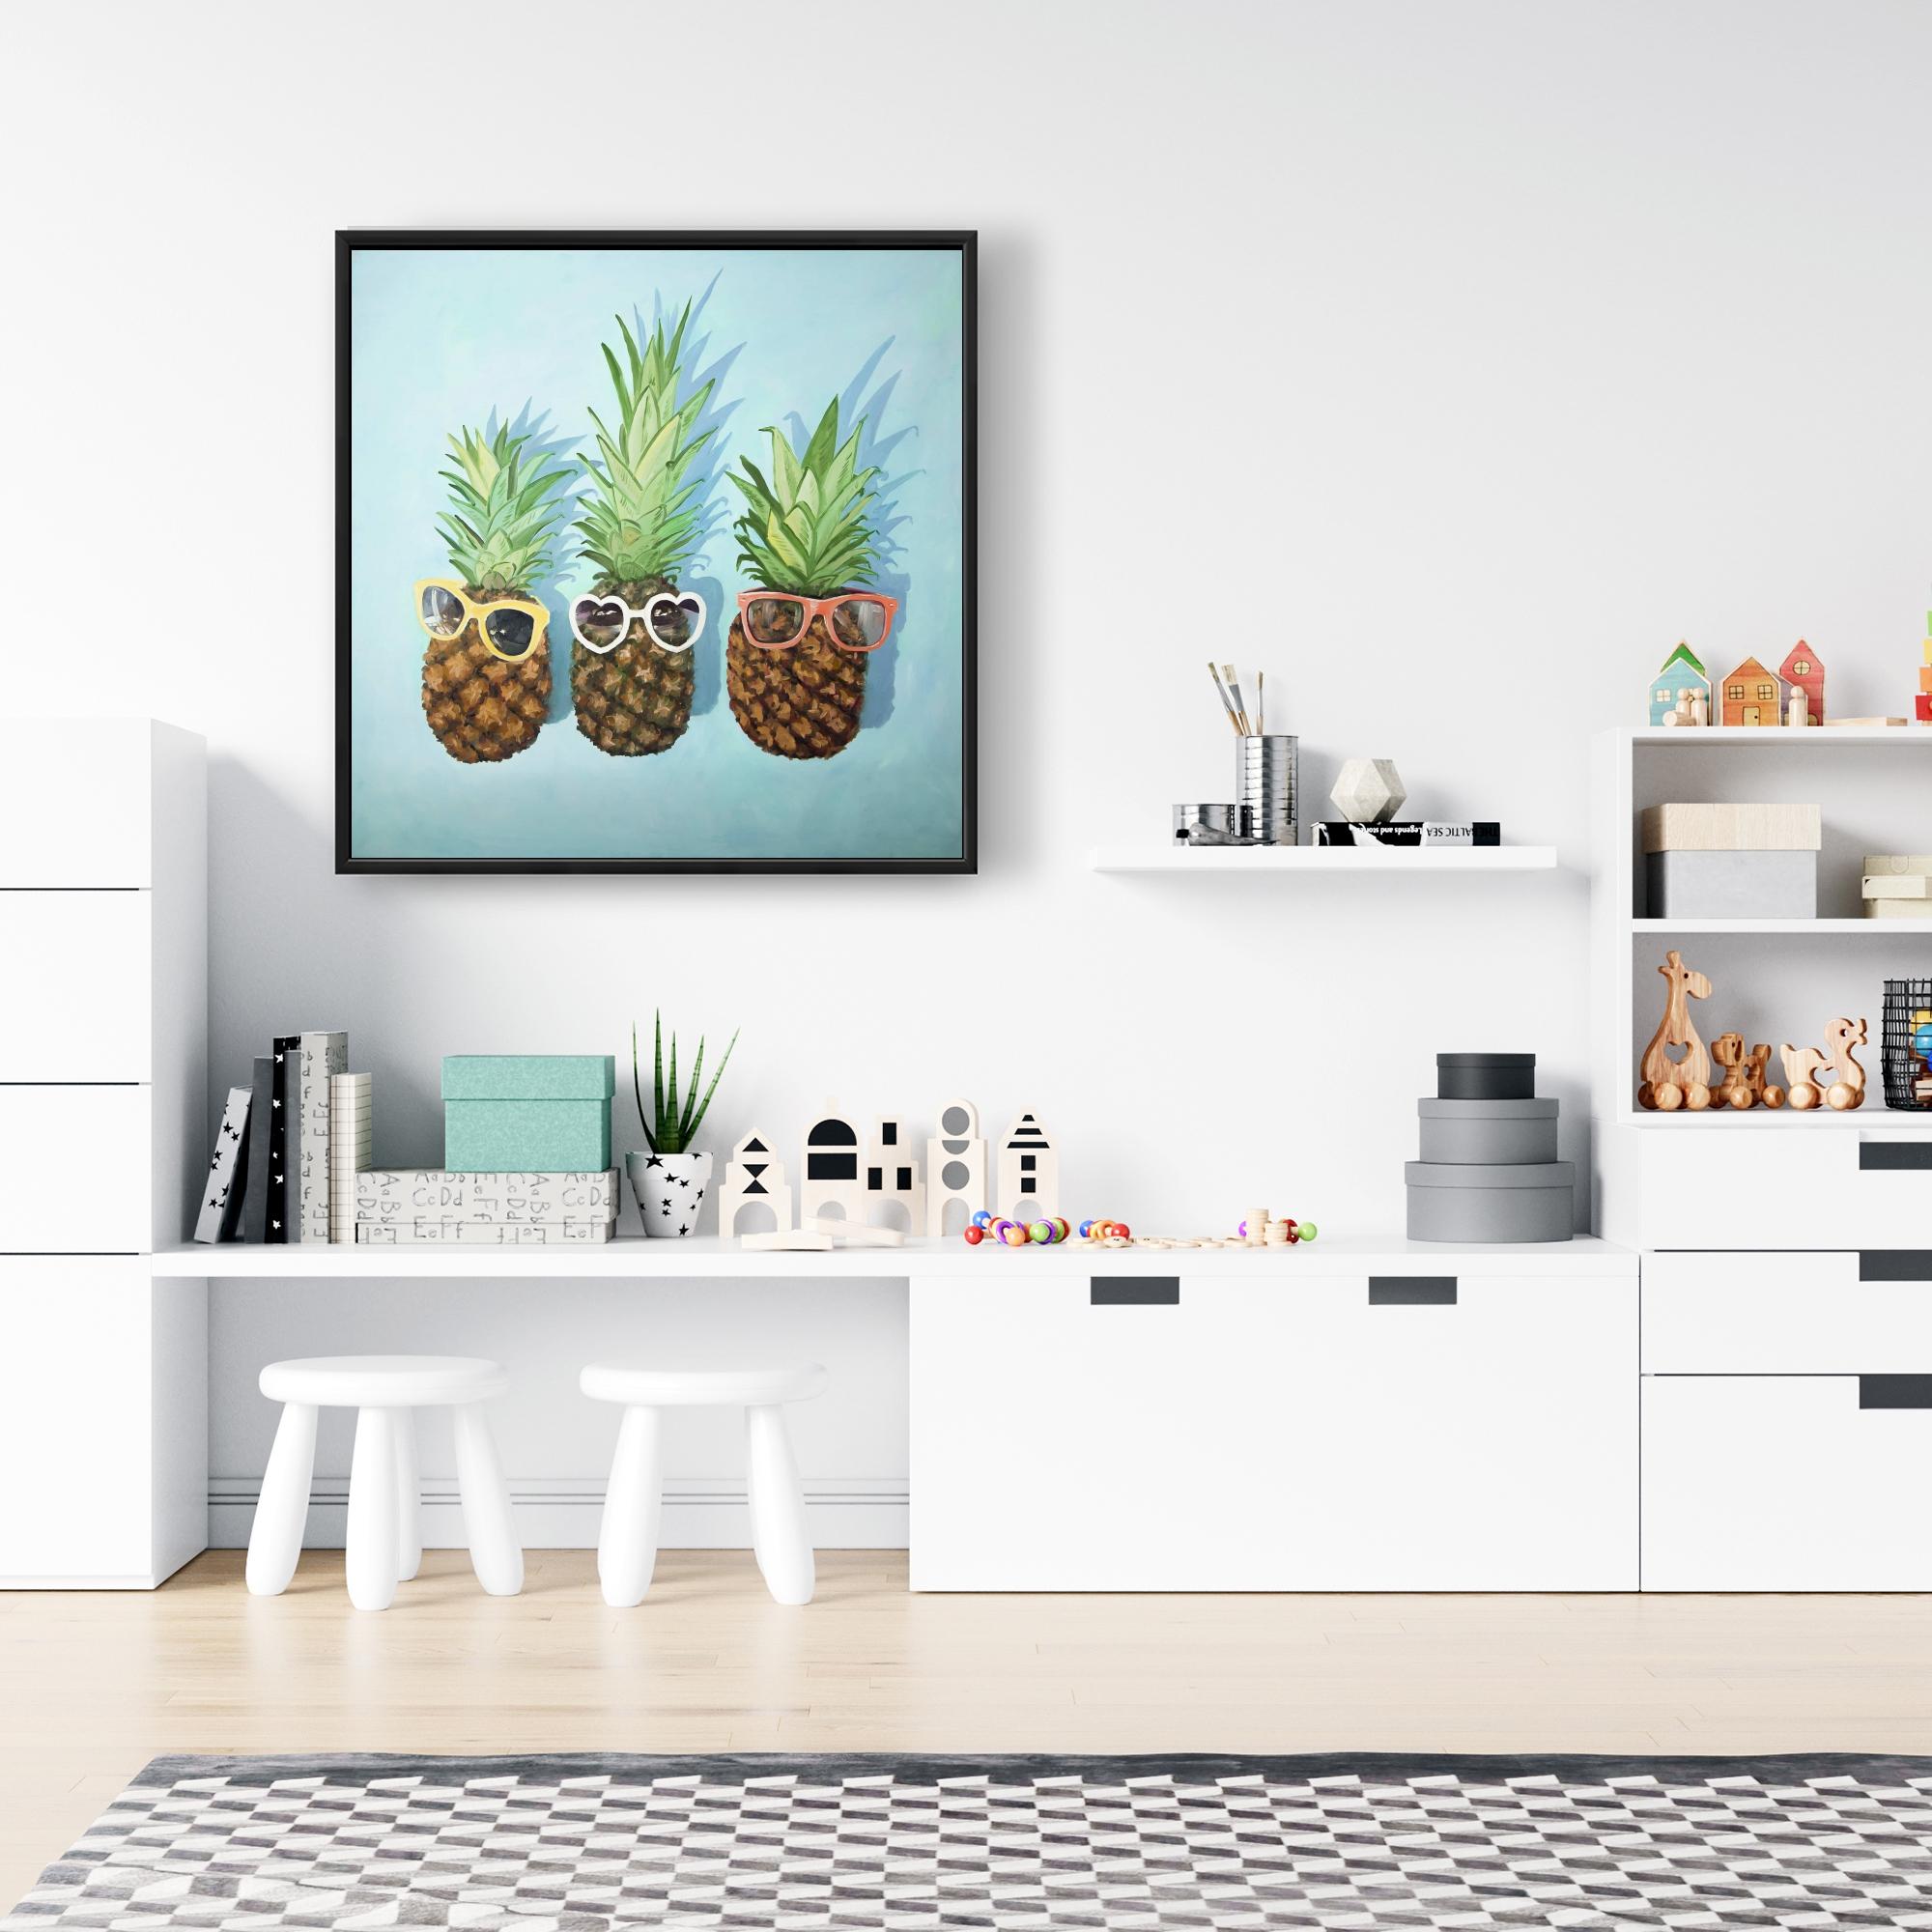 Framed 24 x 24 - Summer pineapples